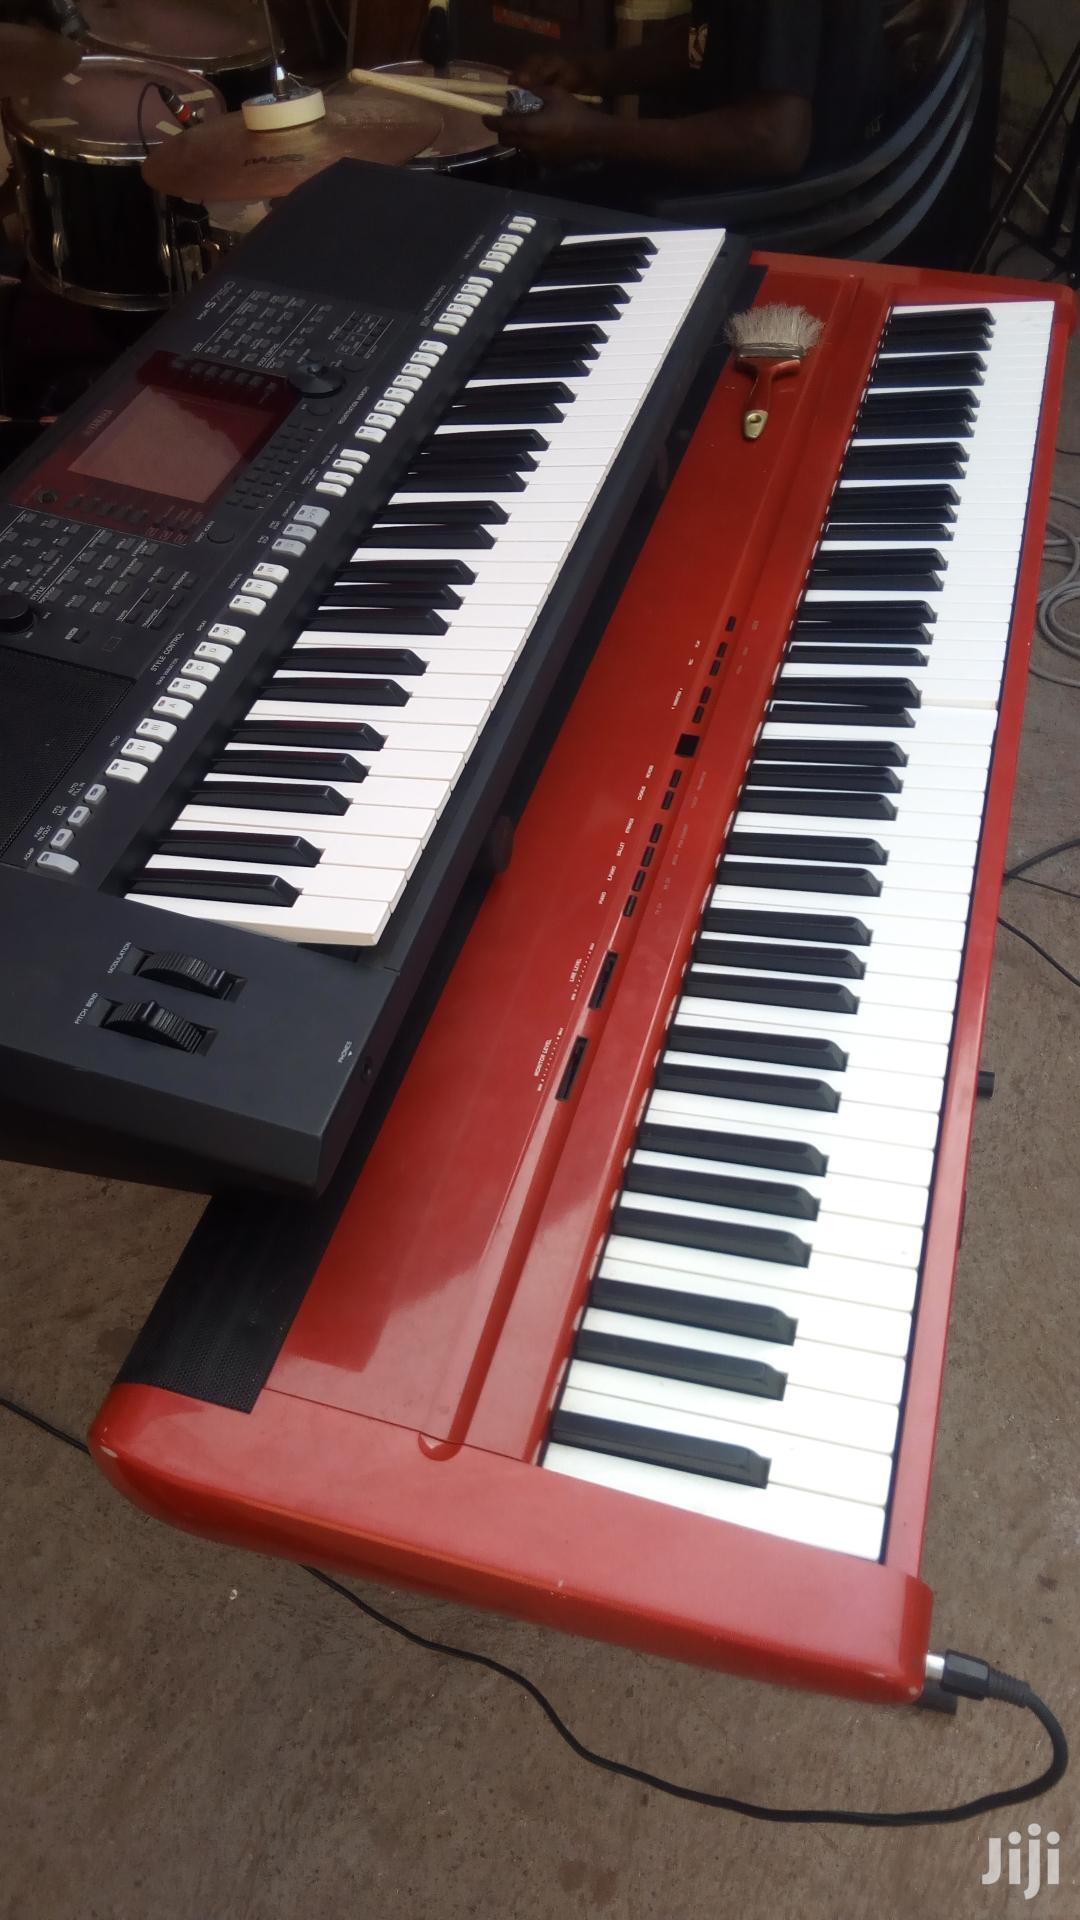 Experienced Liveband Keyboardist | Arts & Entertainment CVs for sale in Yilo Krobo, Eastern Region, Ghana